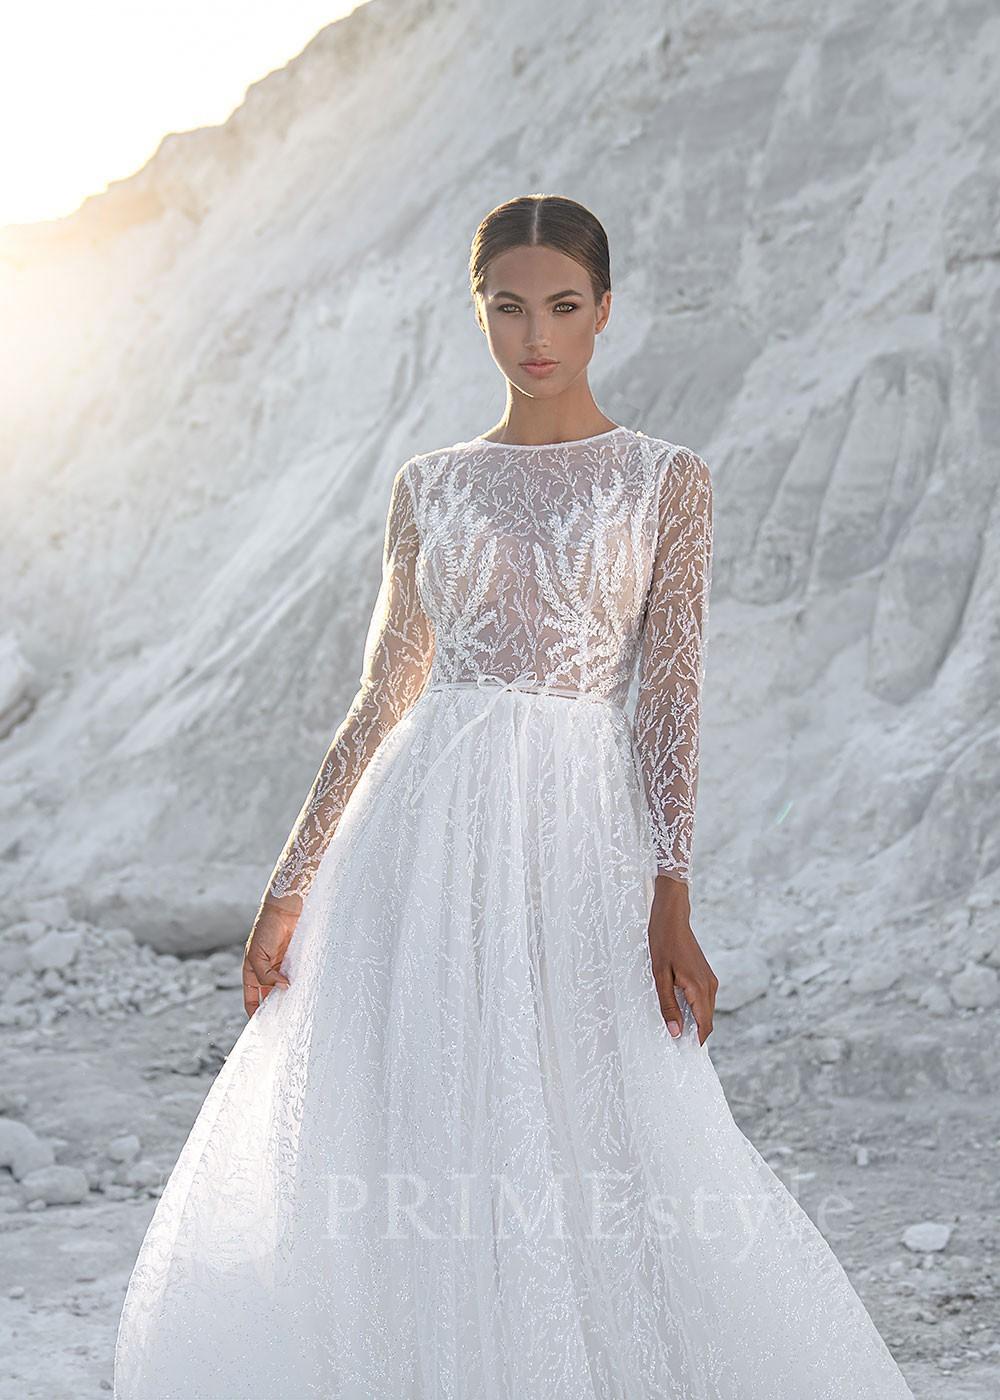 a80b48caf0a1 Luxusné čipkované svadobné šaty Doloris - lamode.sk